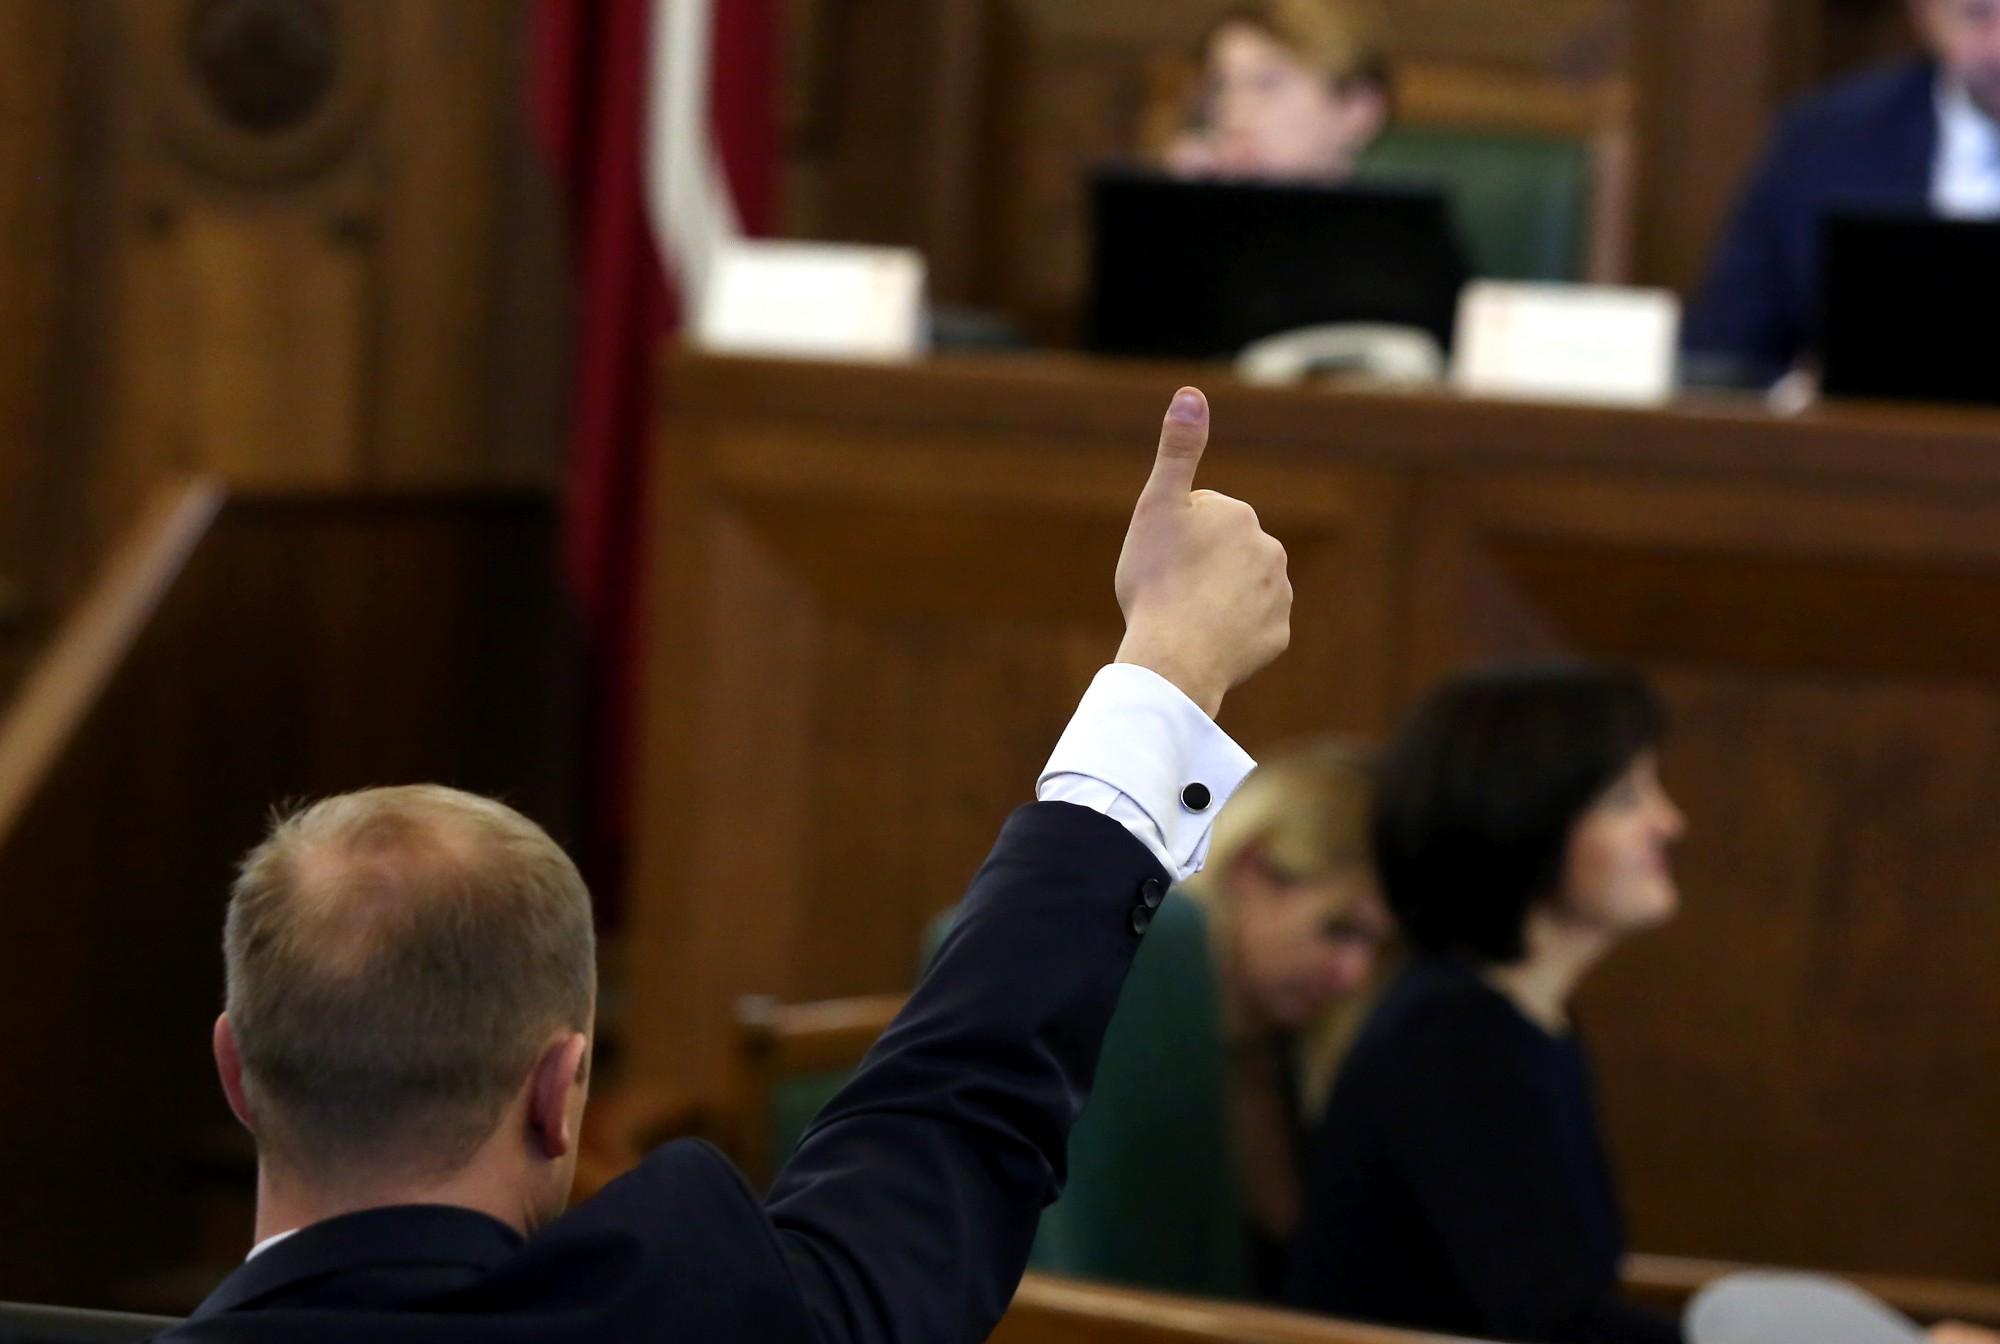 Saeima apstiprina Nacionālo attīstības plānu 2021.-2027.gadam